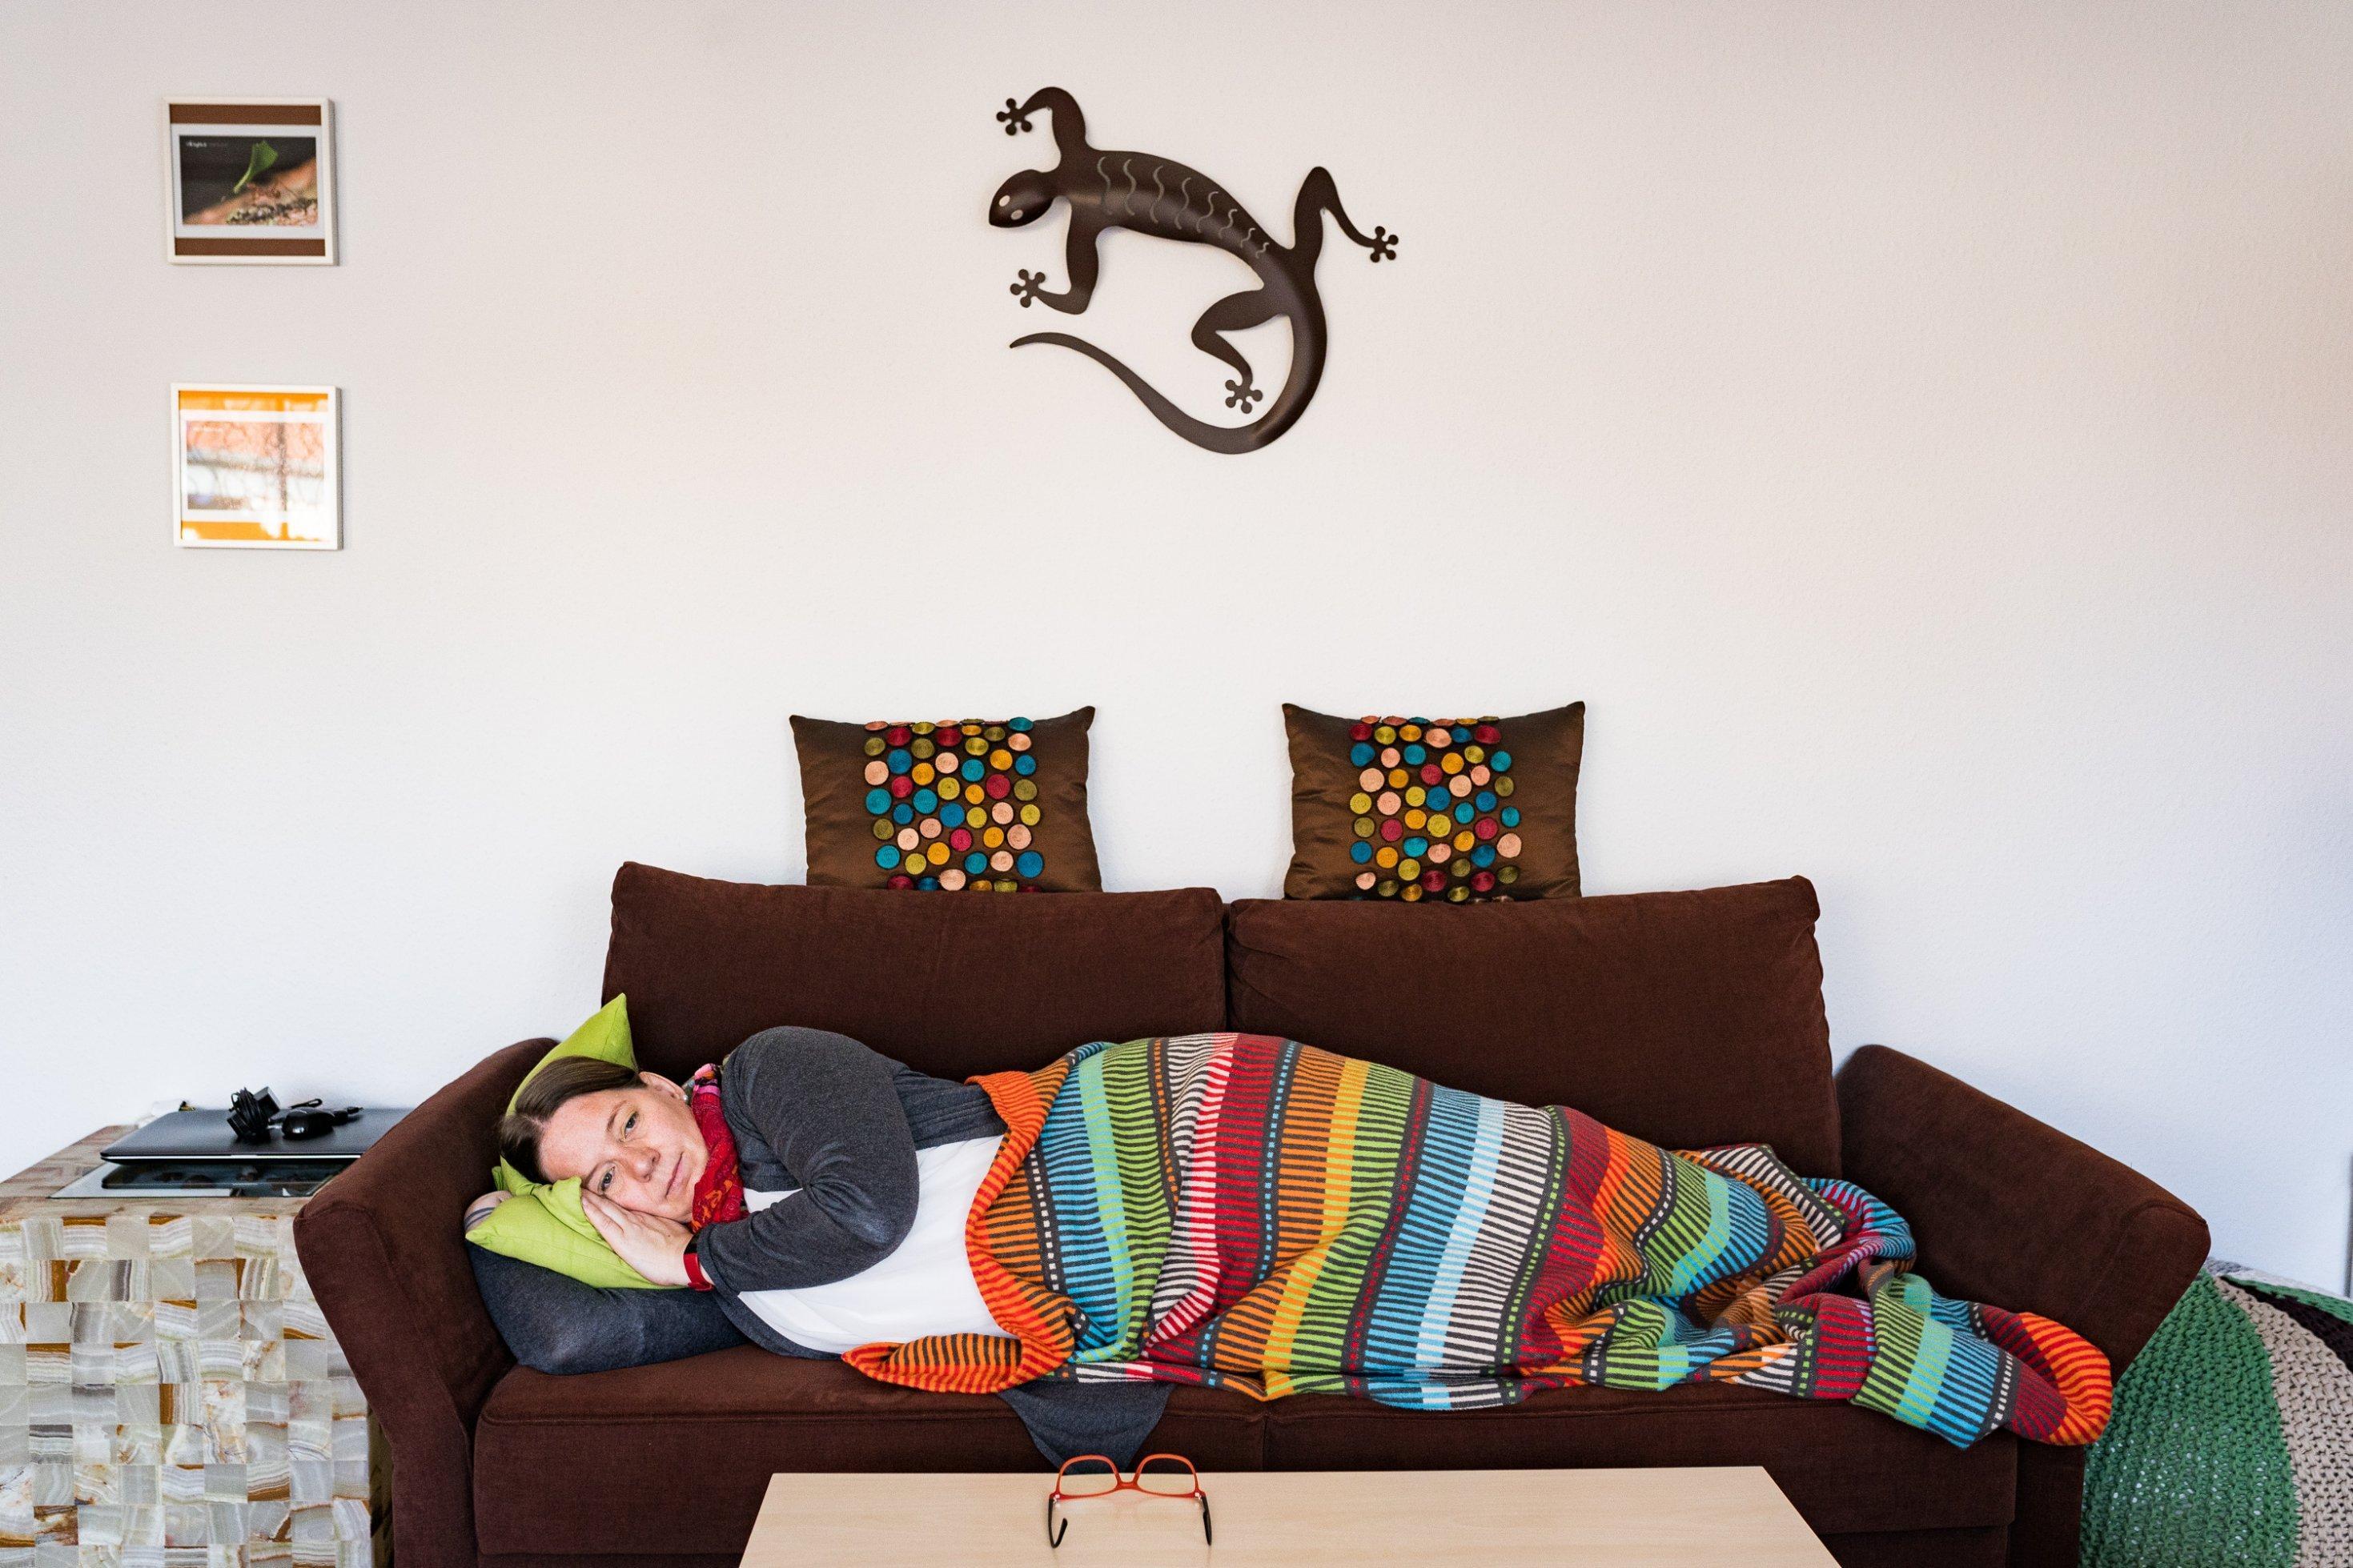 Eine junge Frau liegt in eine bunte Decke gehüllt auf ihrem Sofa und schaut erschöpft an der Kamera vorbei.